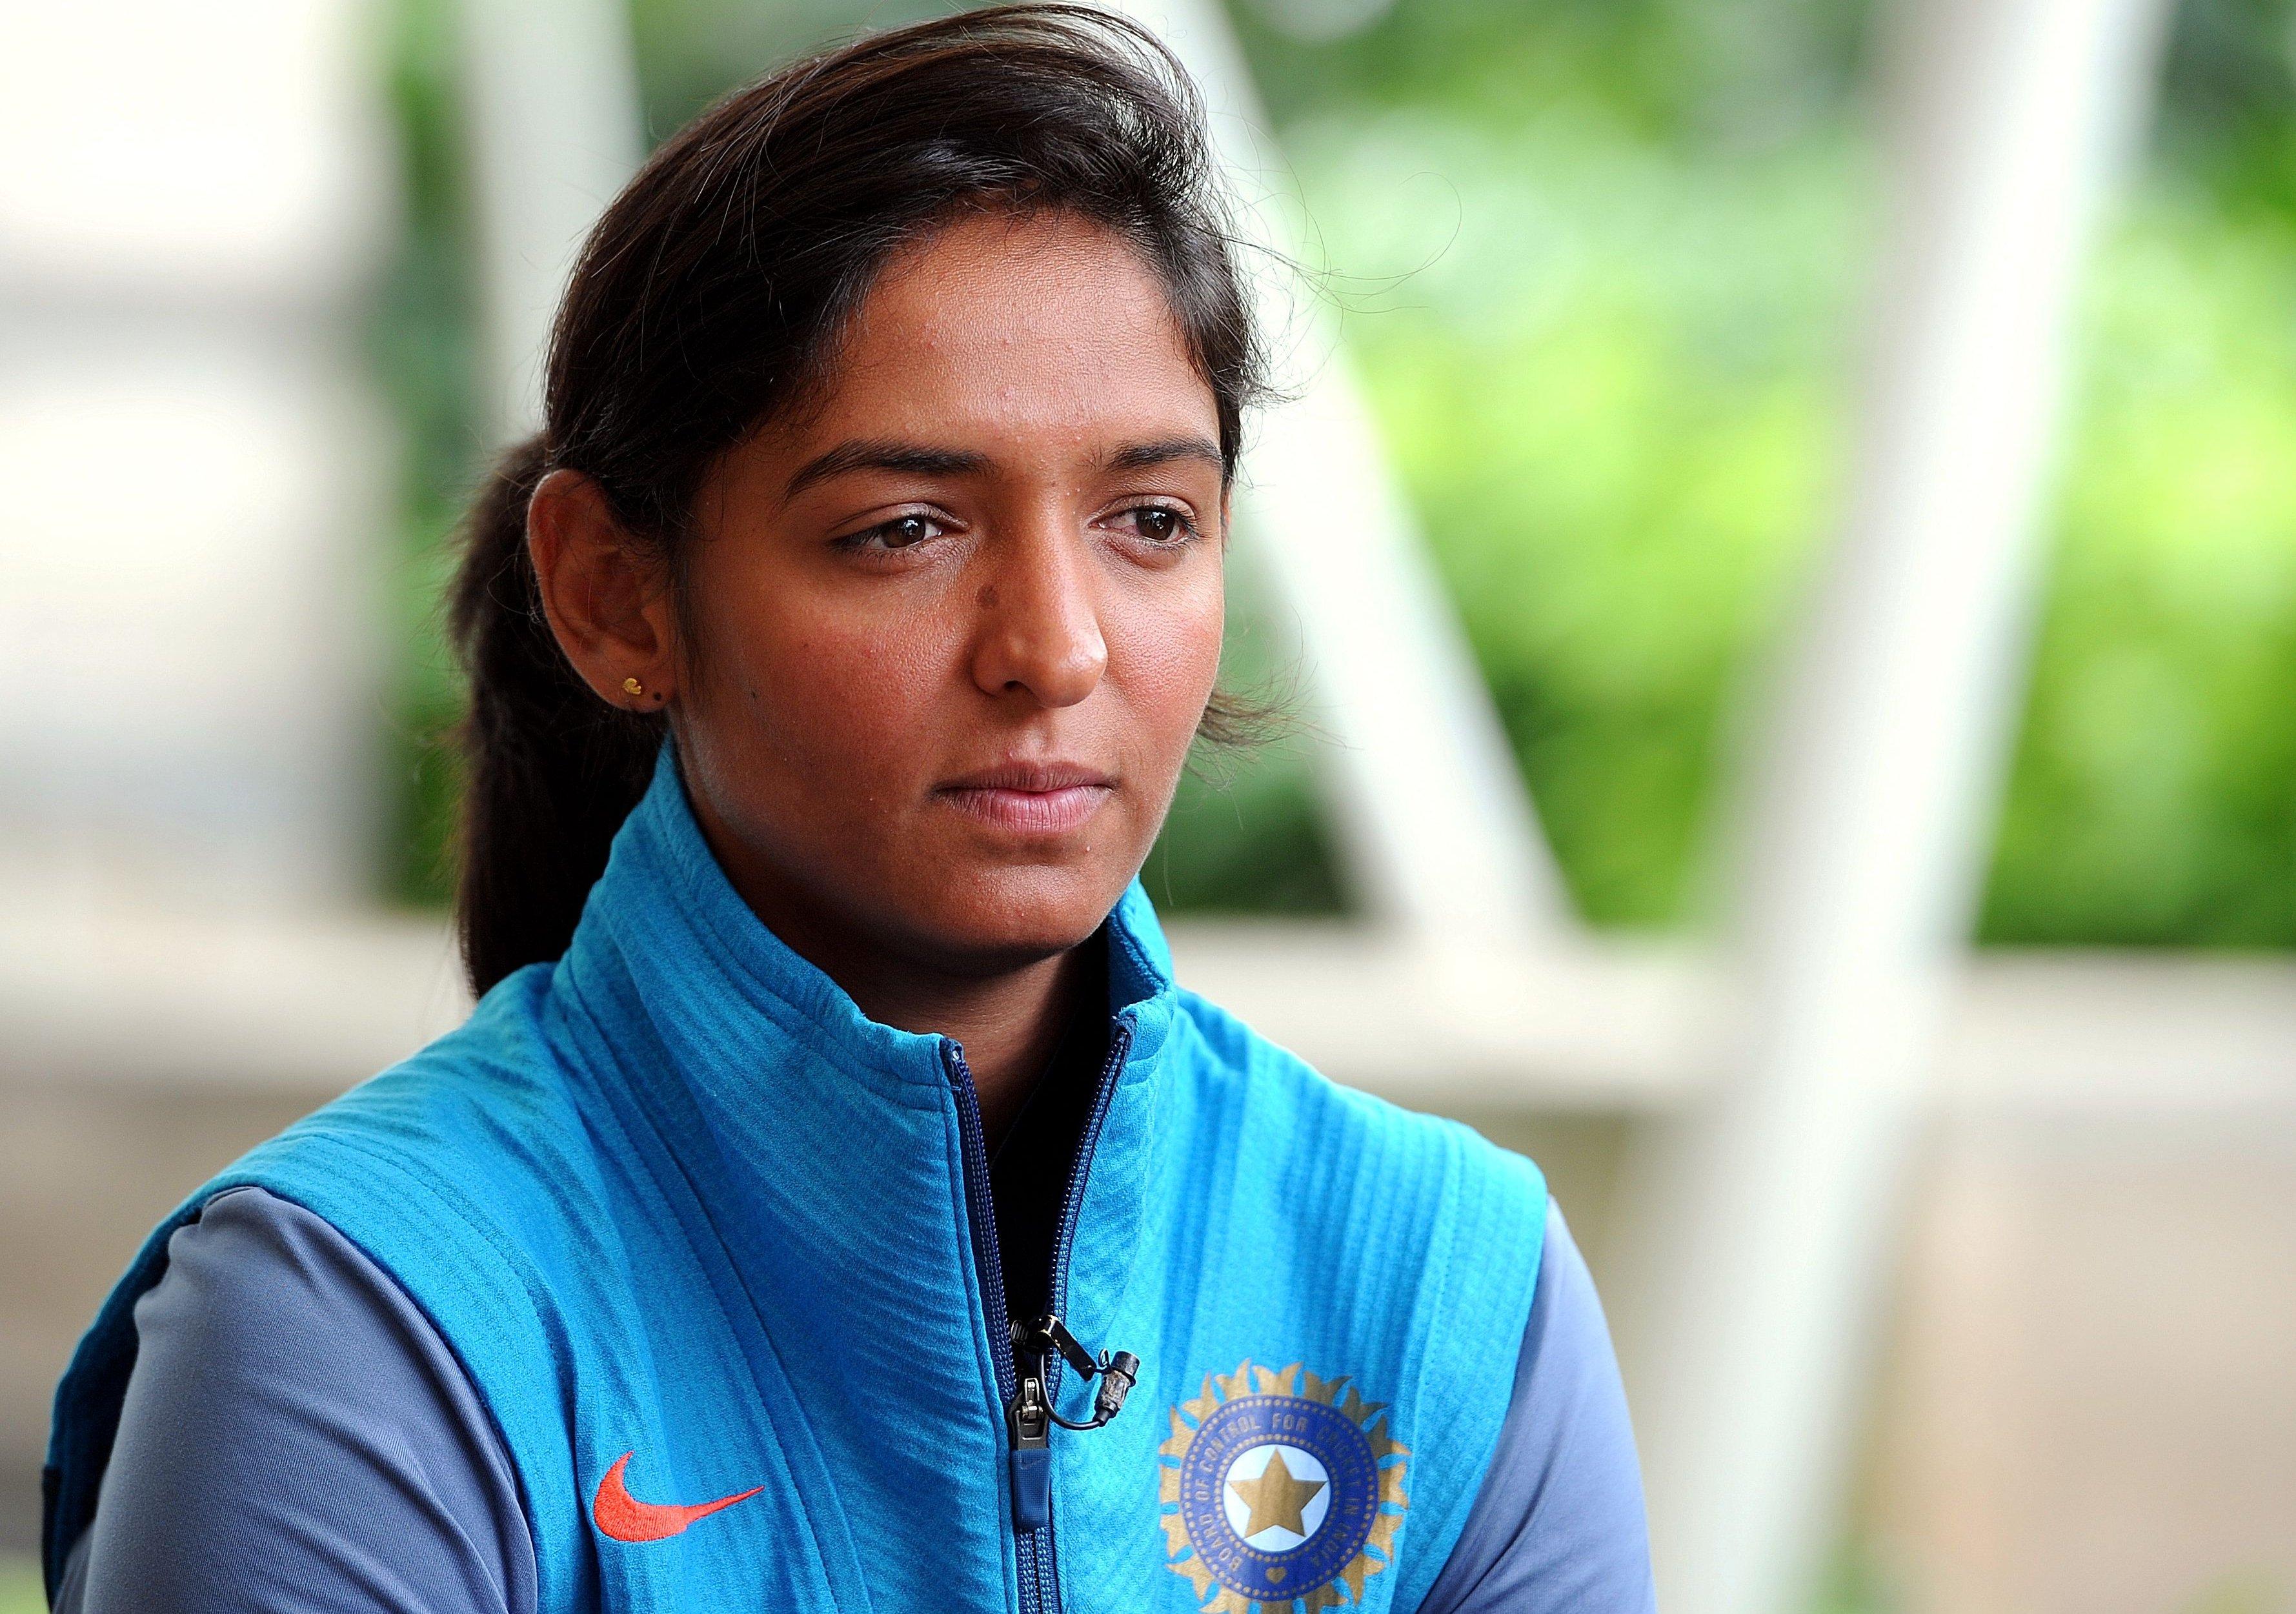 ICC Women's WT20: सेमीफाइनल में भारत के हार के बाद हरमनप्रीत कौर पर फूटा प्रशंसको का गुस्सा, कौर की इस गलती को ठहराया जिम्मेदार 1